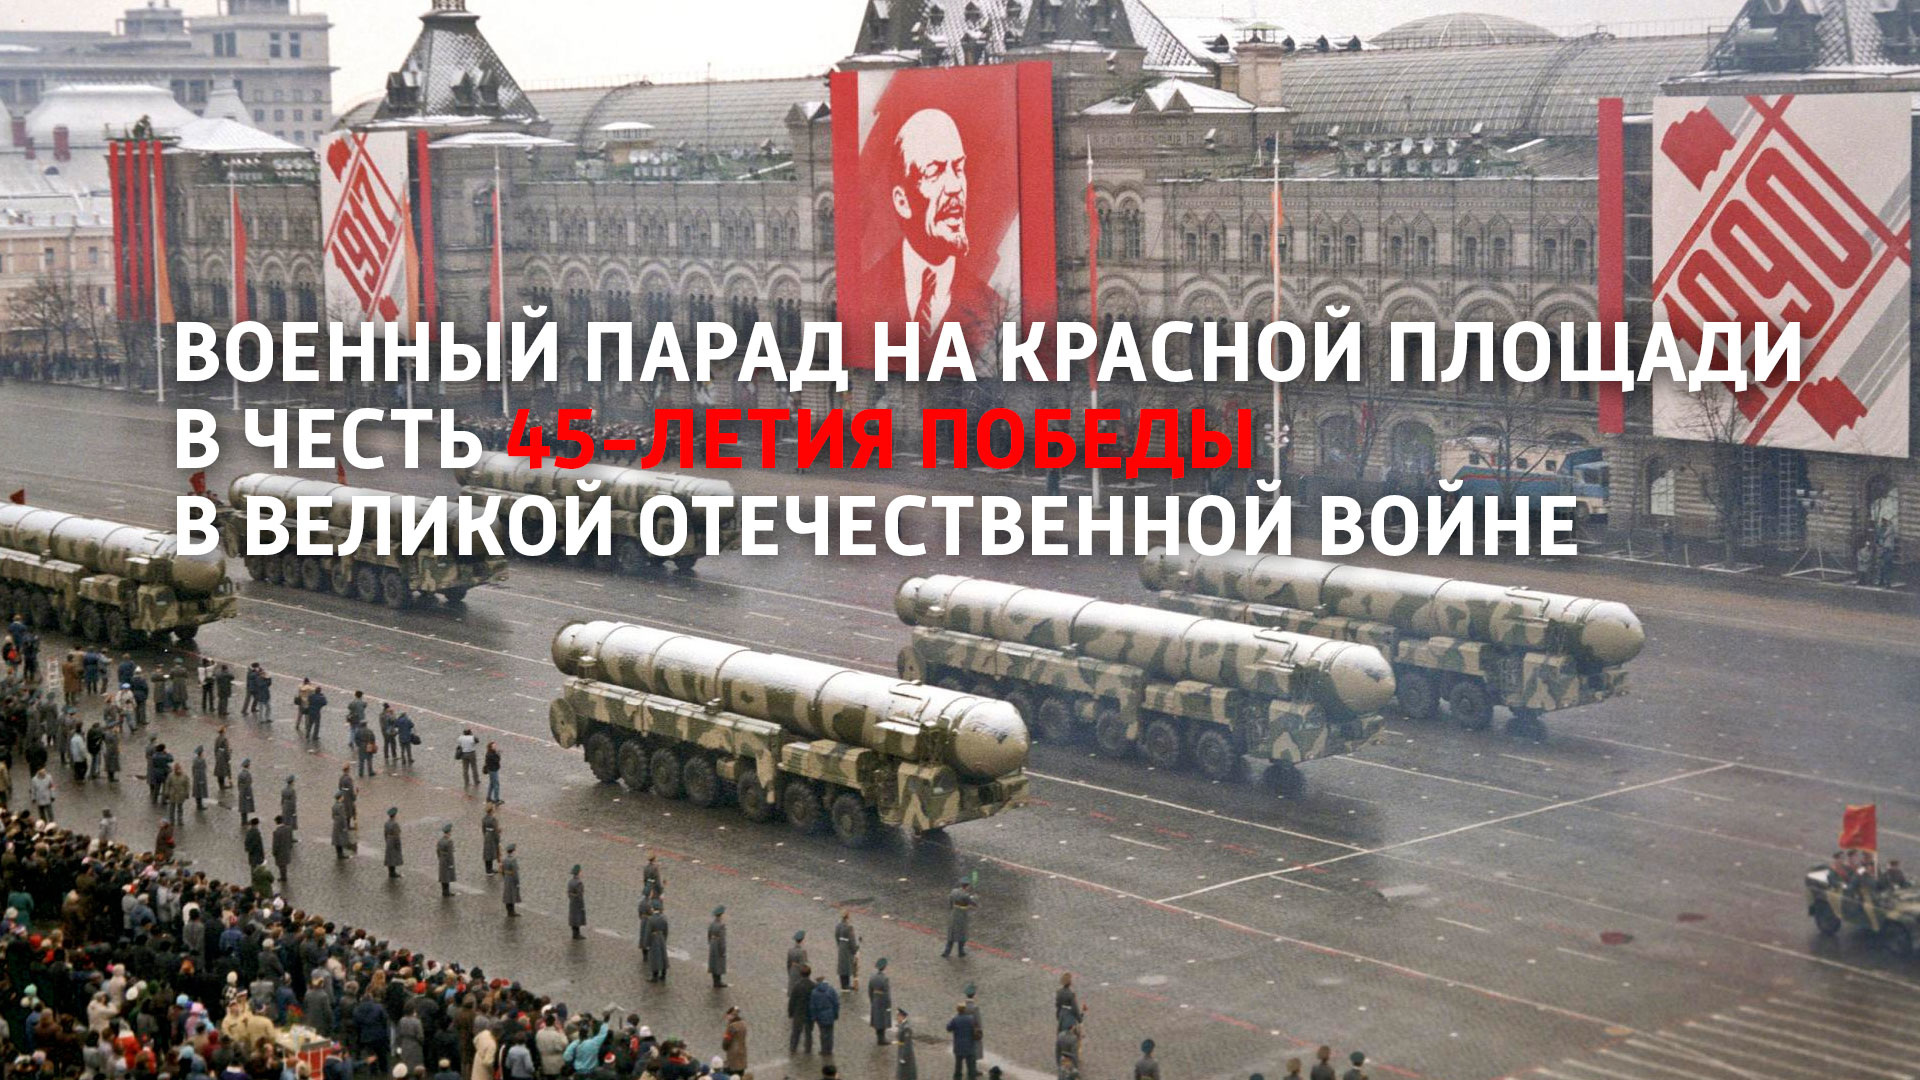 Военный парад на Красной площади в честь 45-летия Победы в Великой Отечественной войне